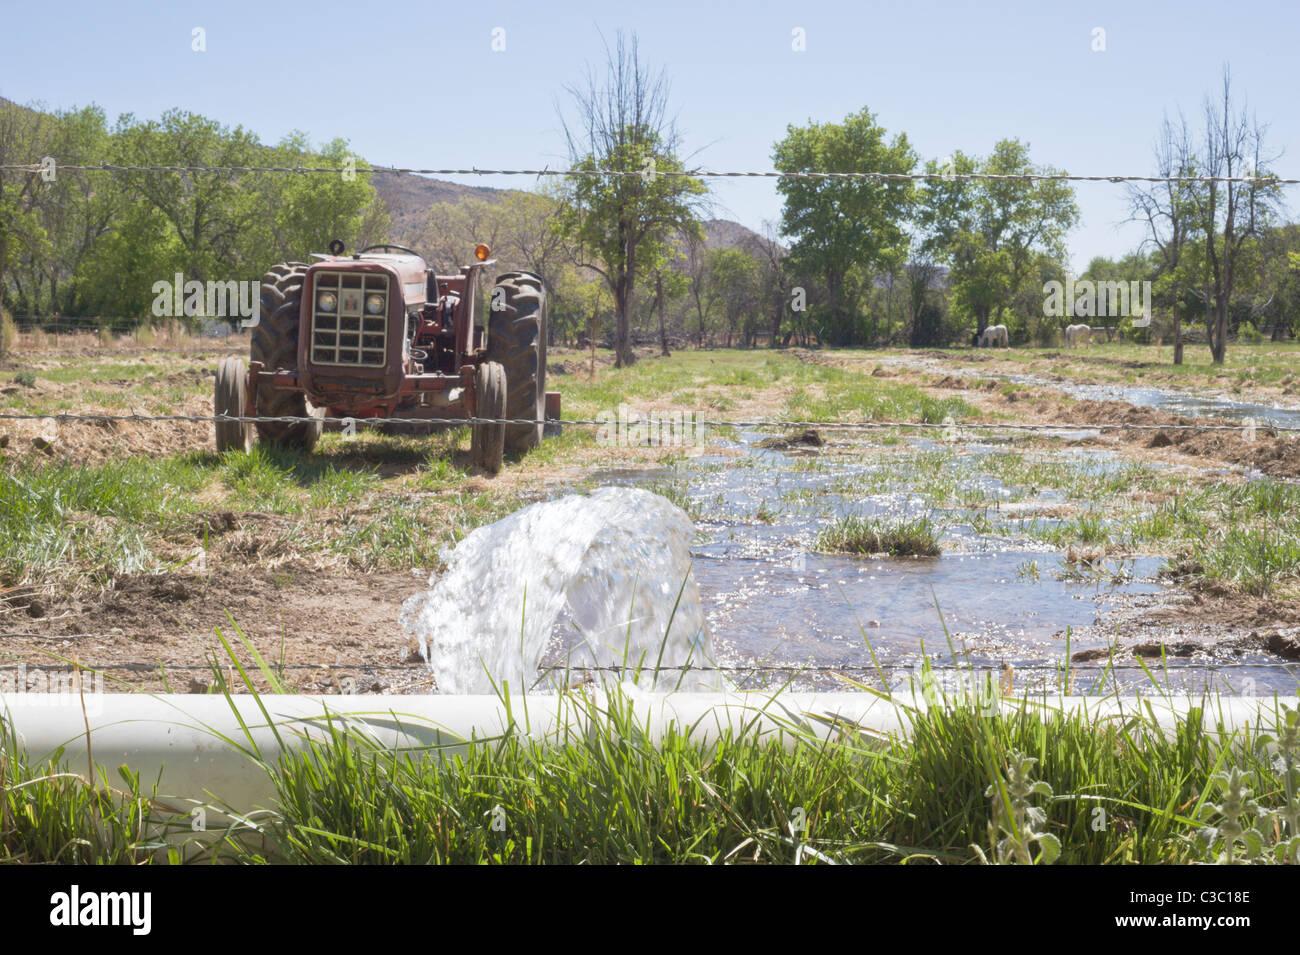 L'eau pour l'agriculture et l'élevage est un bien précieux dans les Hondo Valley, New Mexico. Photo Stock